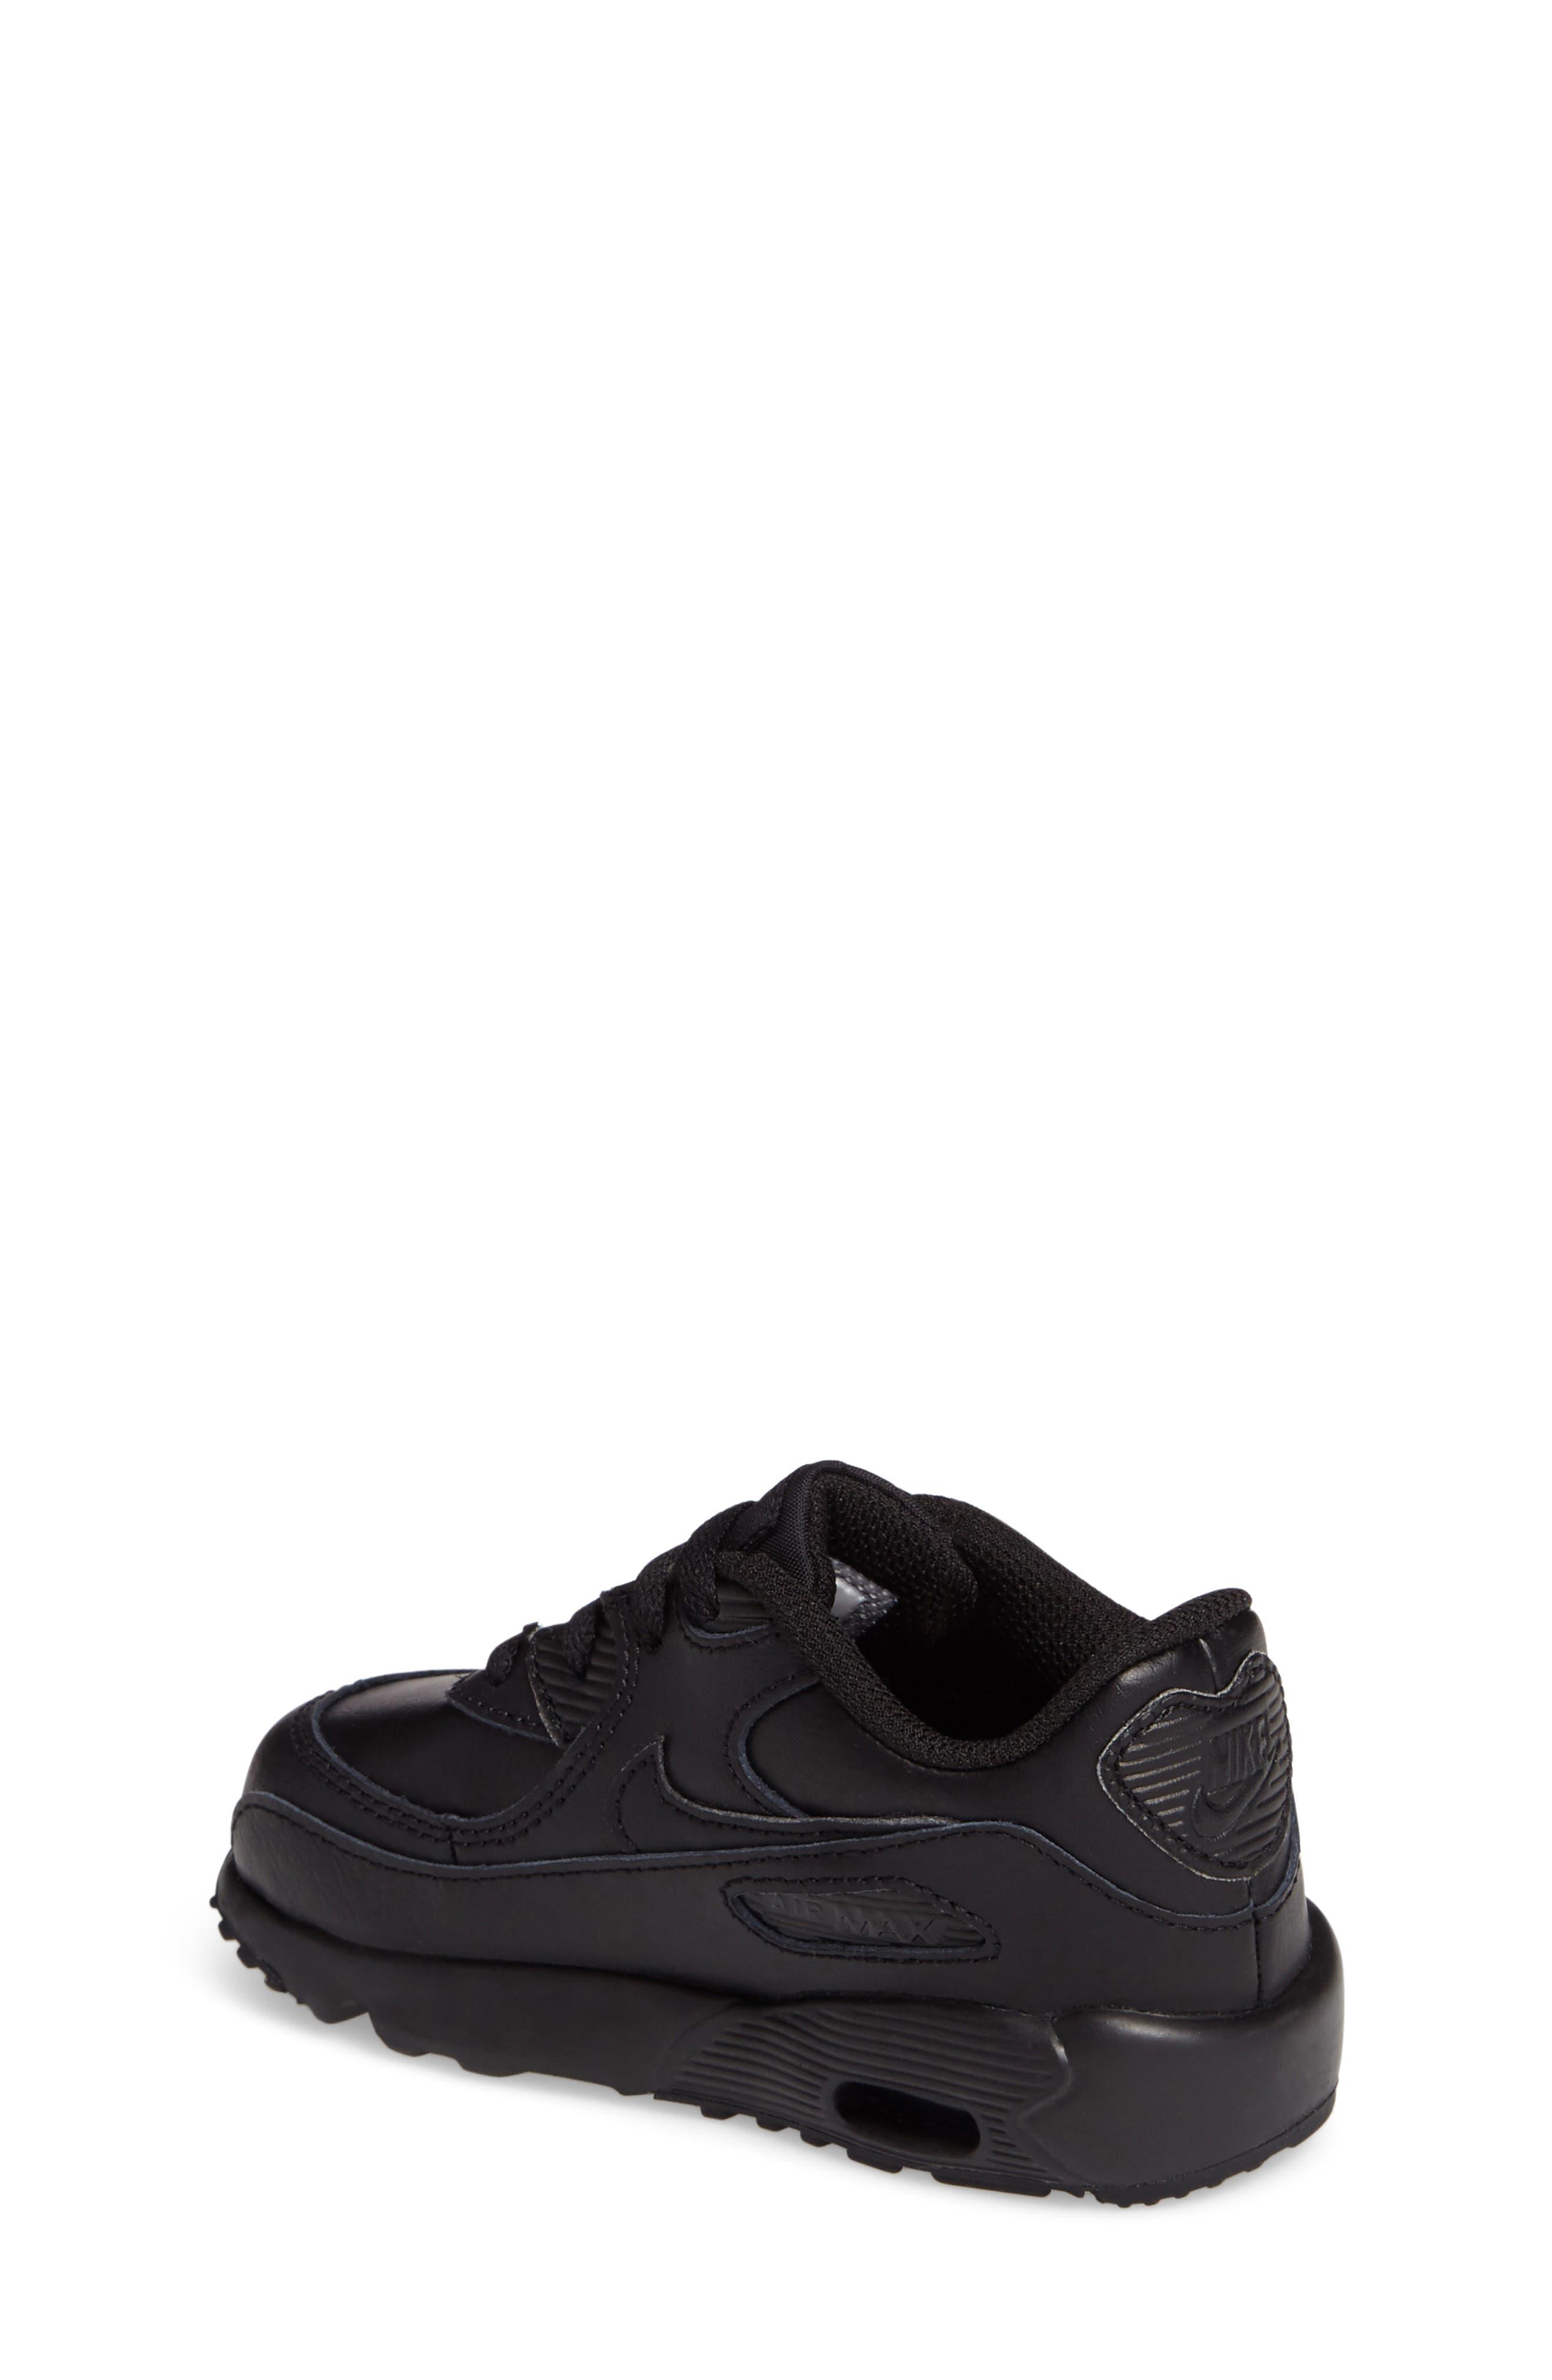 Air Max 90 Sneaker,                             Alternate thumbnail 5, color,